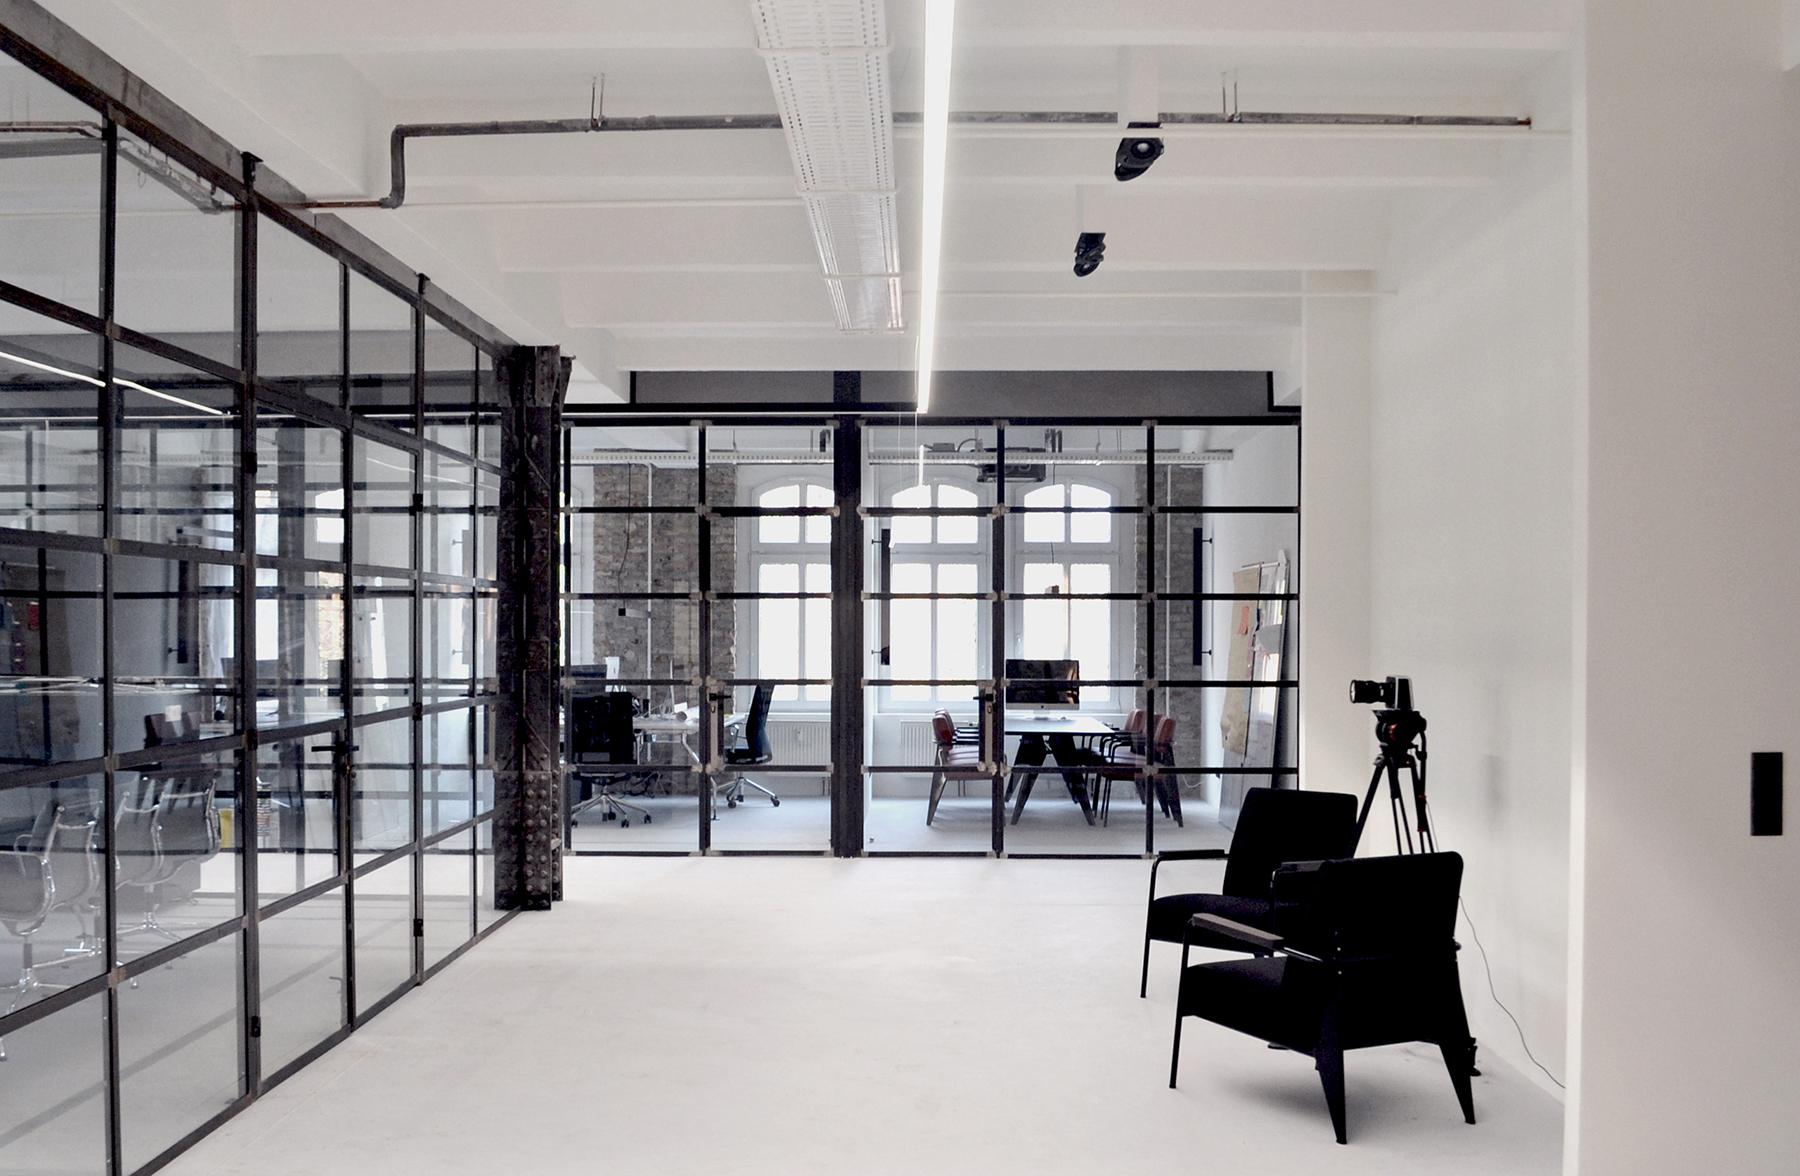 Biuro ze szklanymi ścianami działowymi